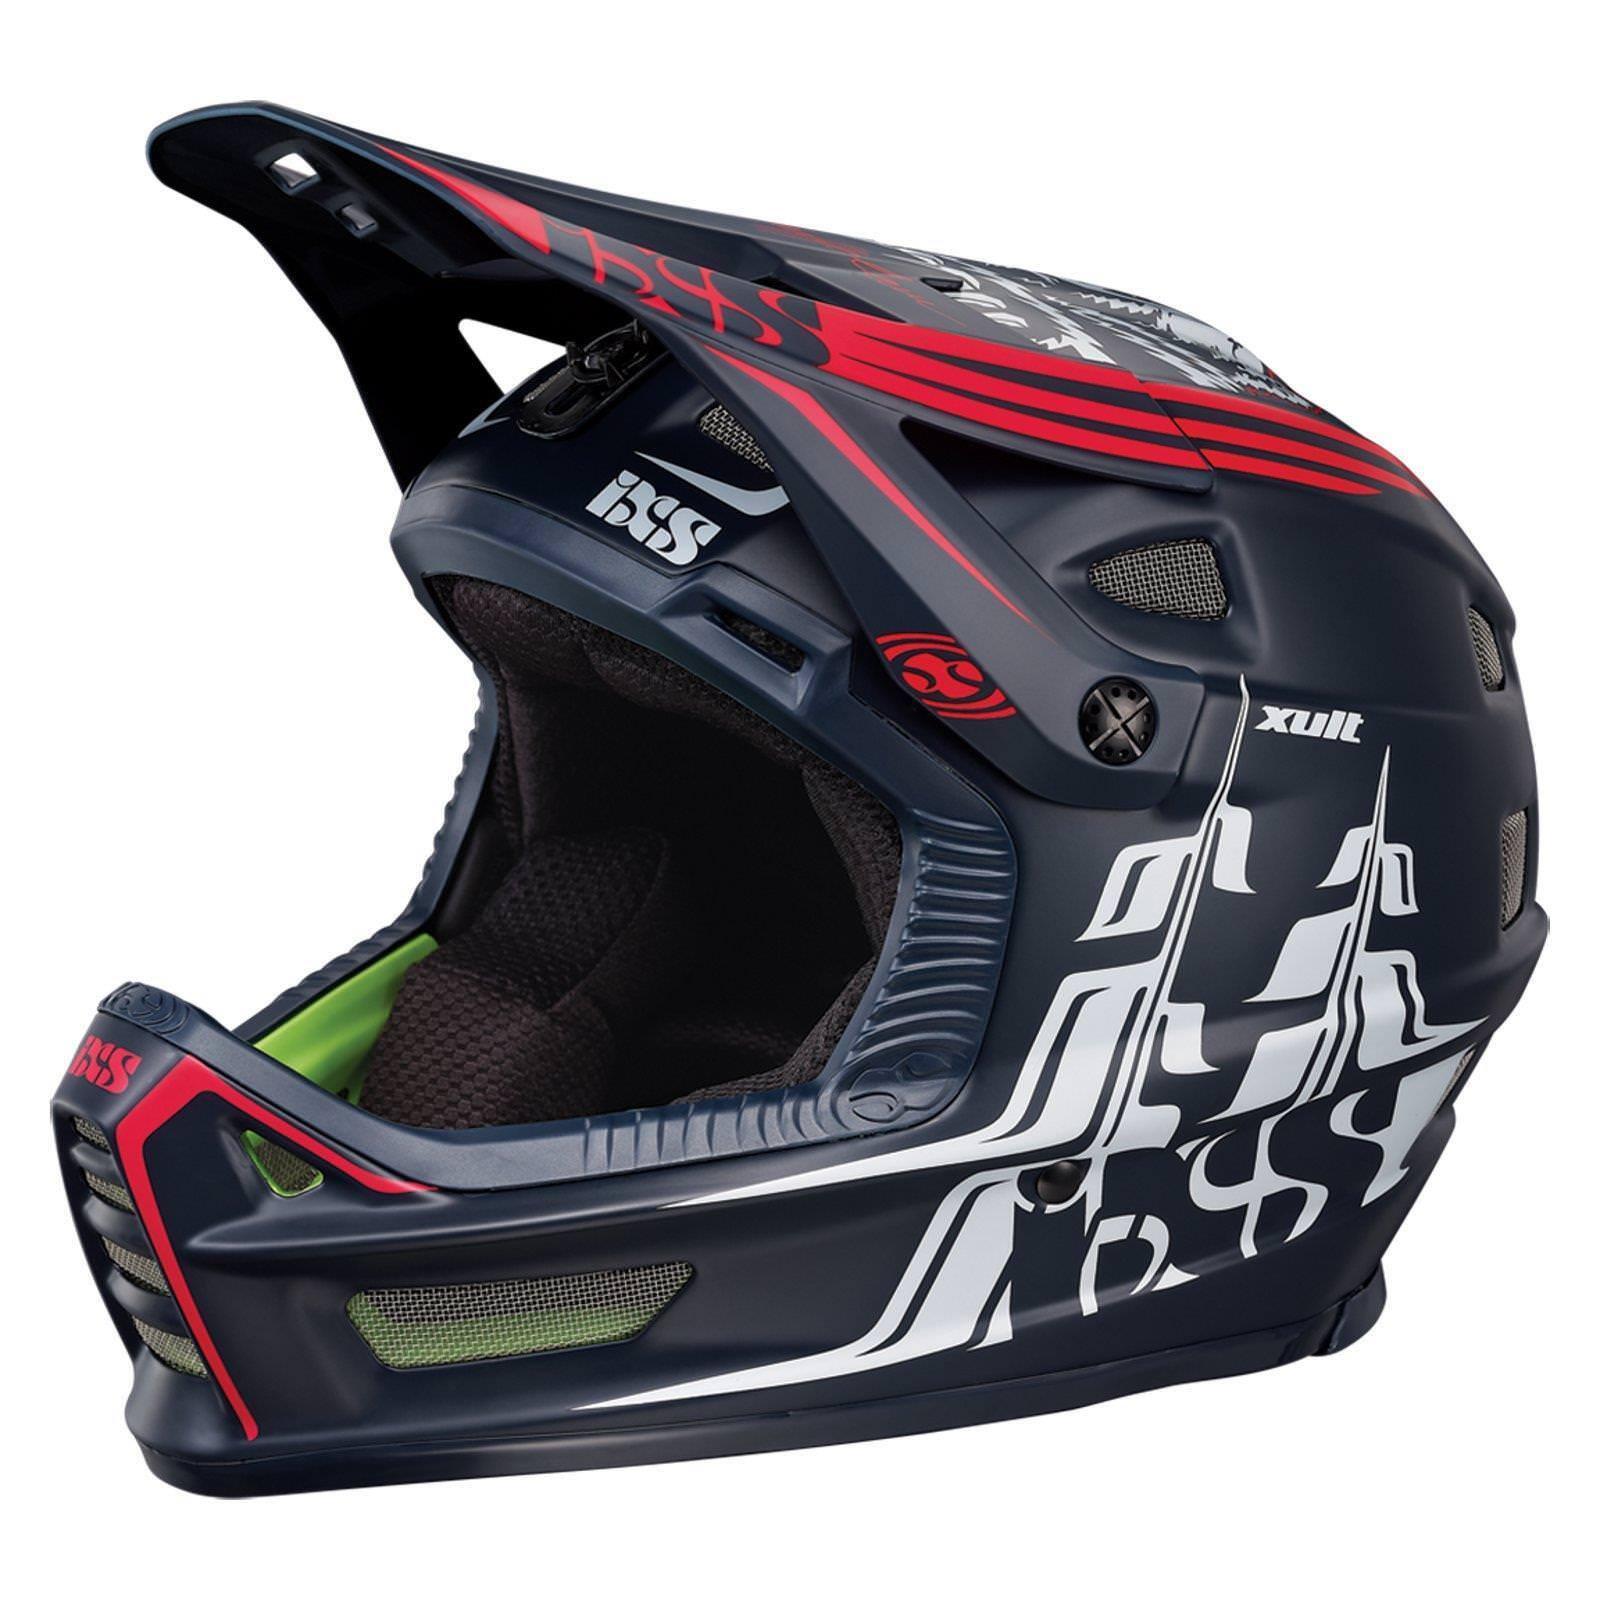 IXS XULT Helmet Darren Berrecloth Edition  Size M L Full Face MTB DH Downhill Bmx Fr  authentic online